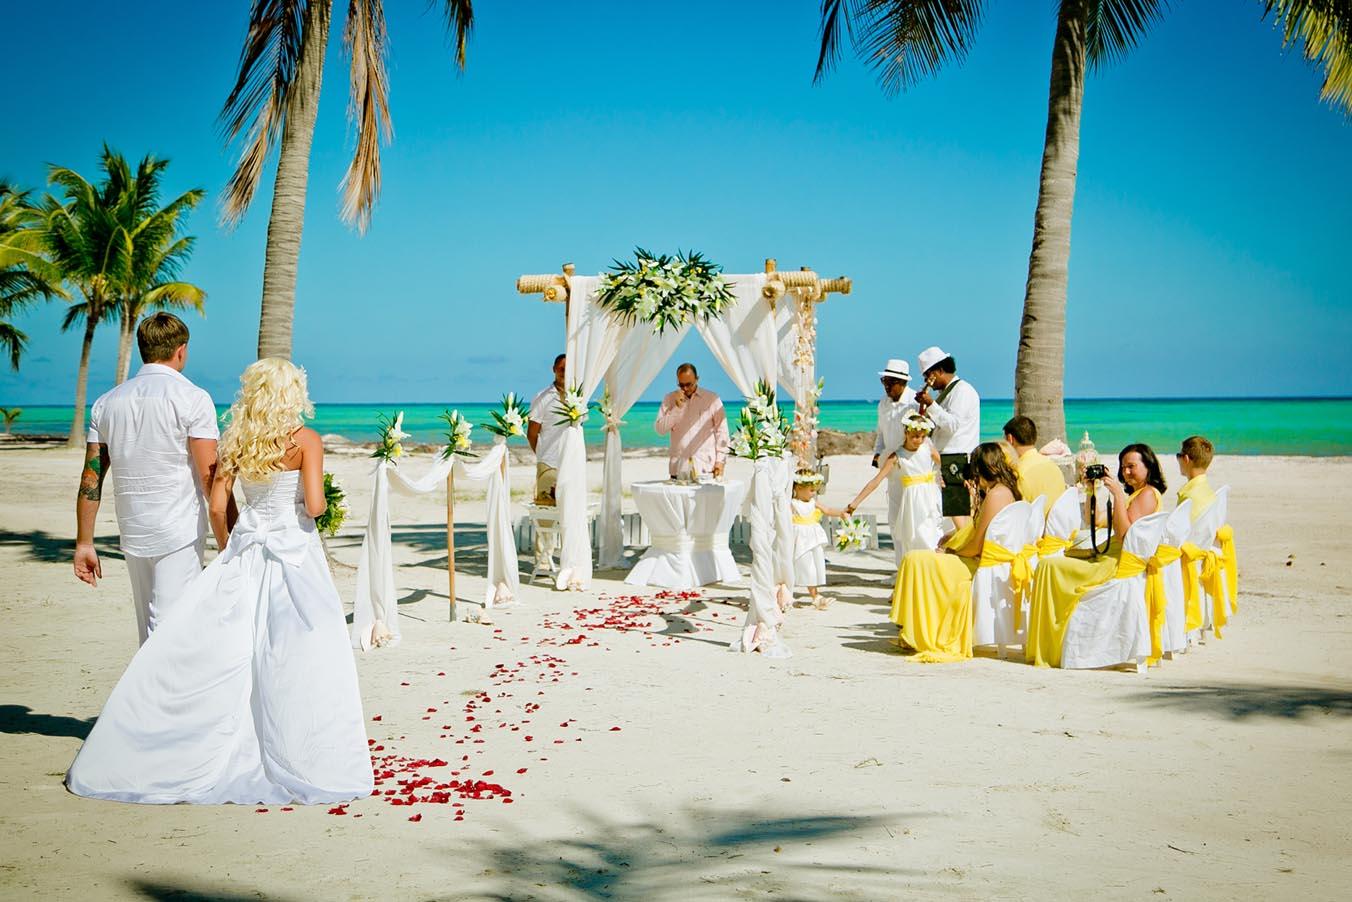 картинки на отдыхе свадьбы мнению